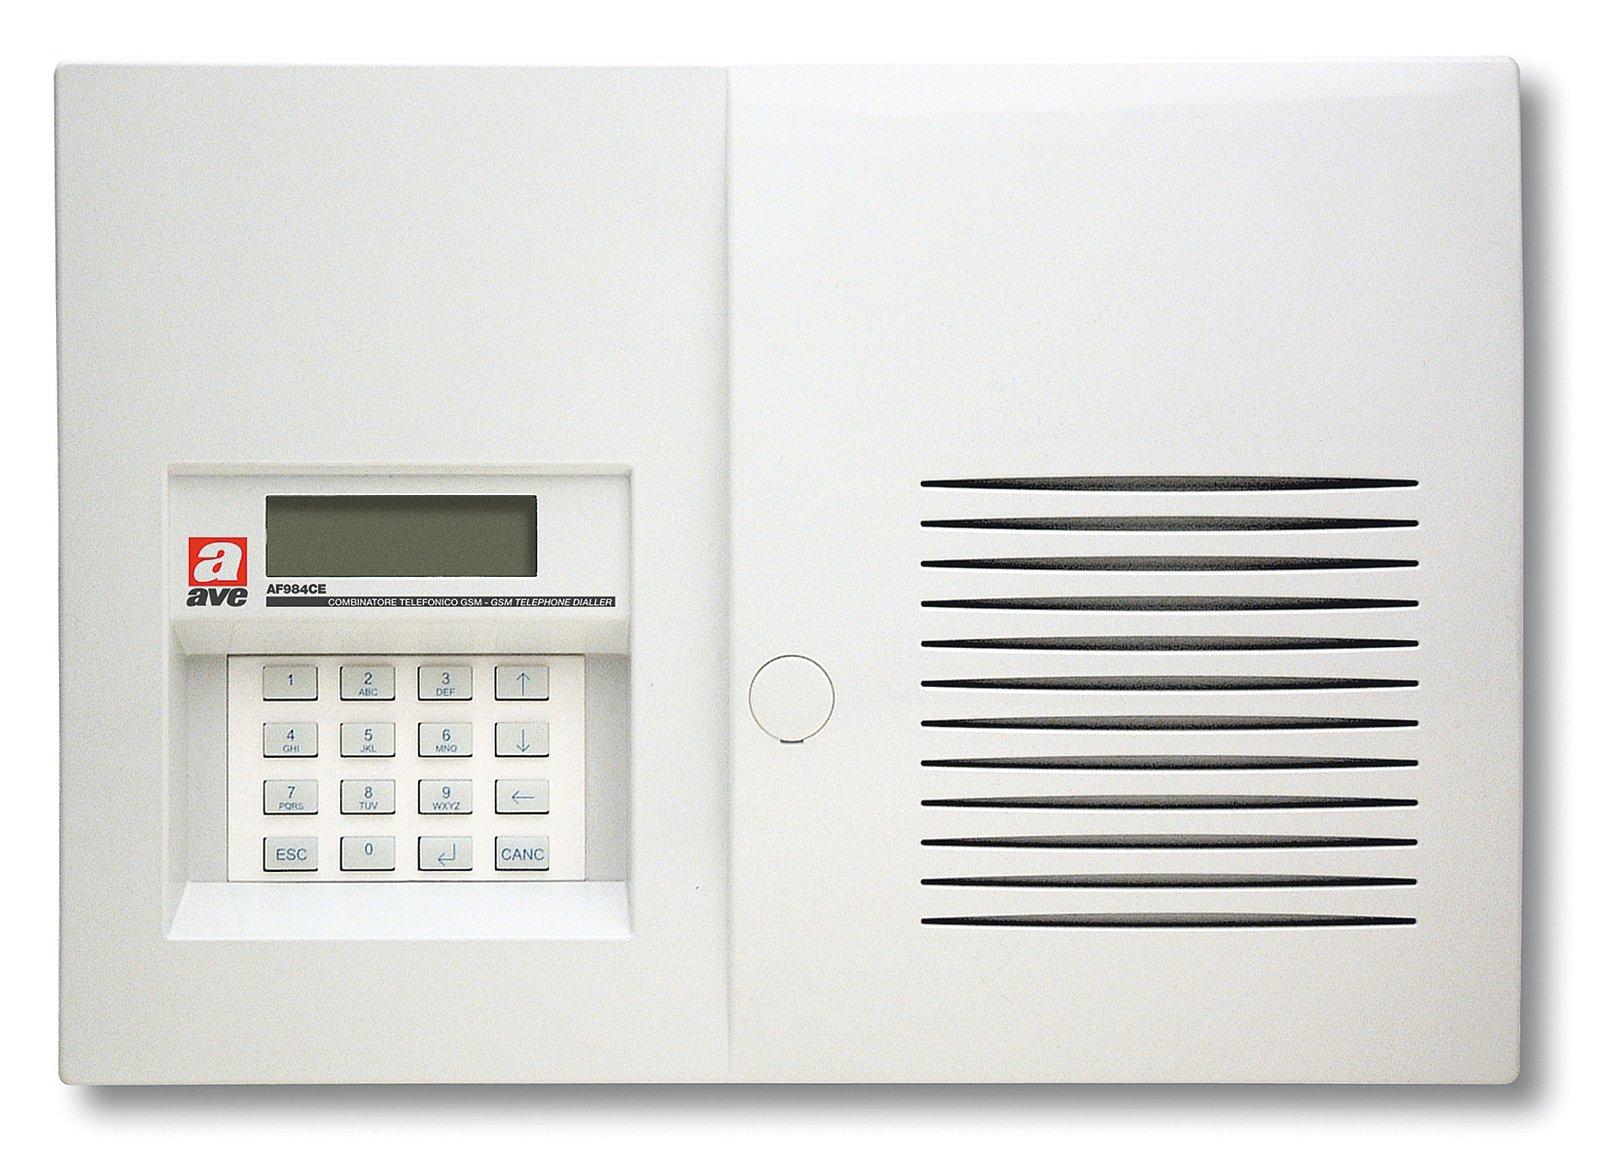 Allarmi per sentirsi protetti in casa cose di casa - Costo allarme casa ...